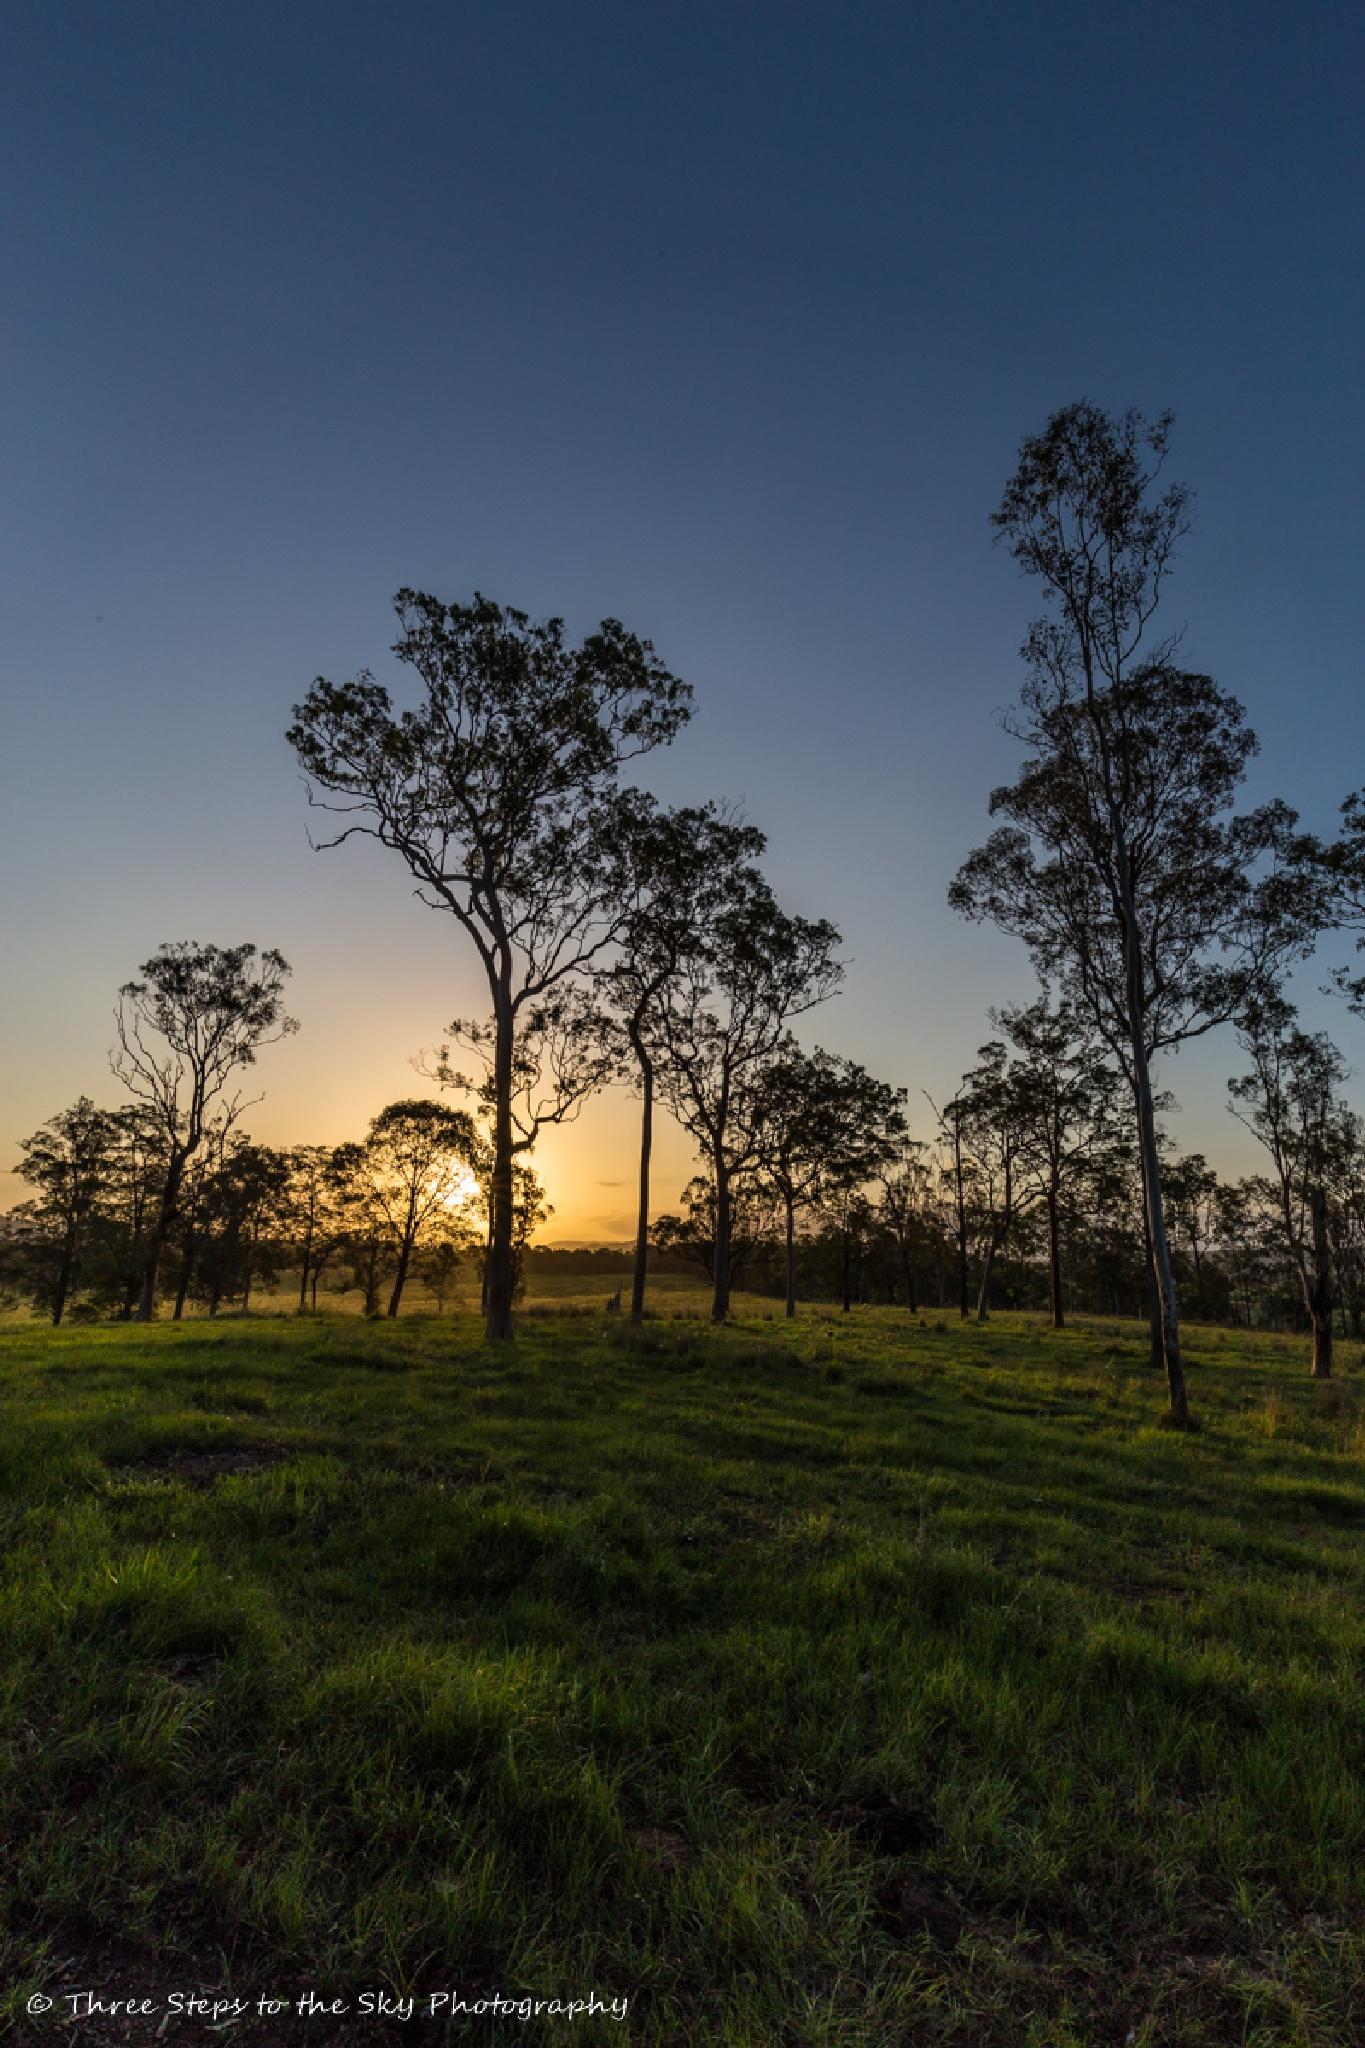 Rural Sunset 2 (Full Frame Camera) by Sel Kerans